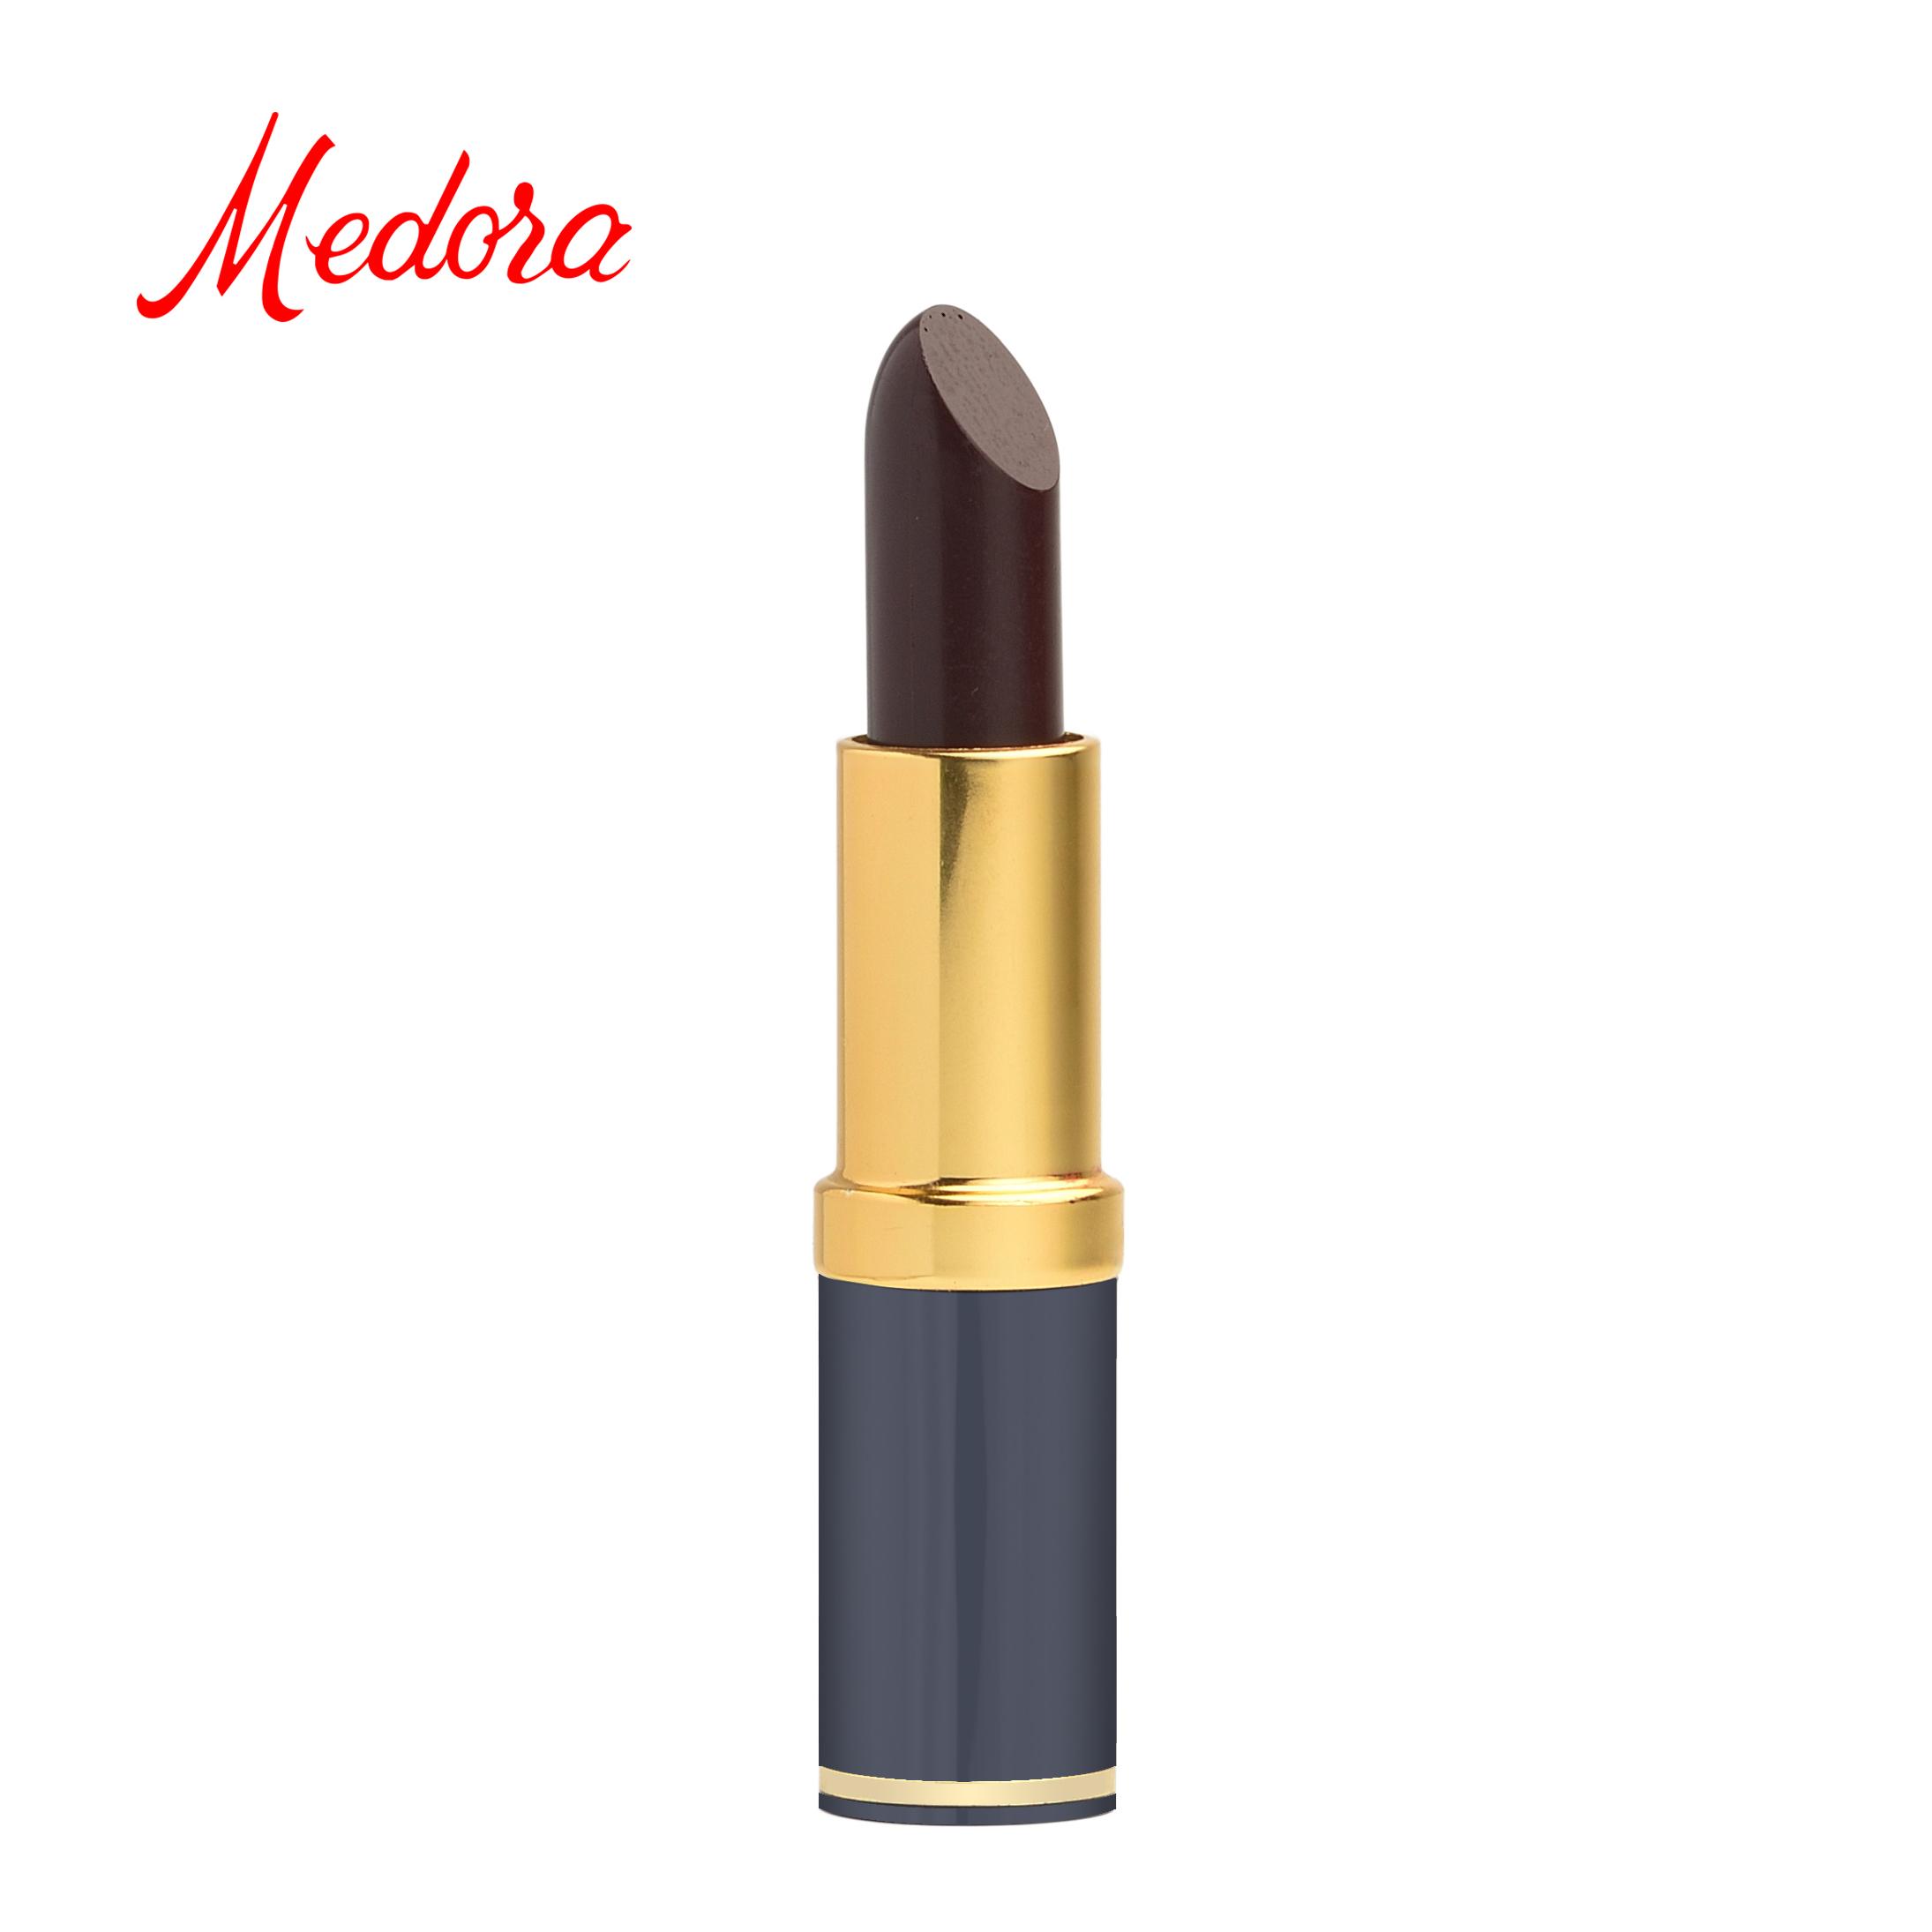 MEDORA Matte Lipstick- 226 DARK MAROON